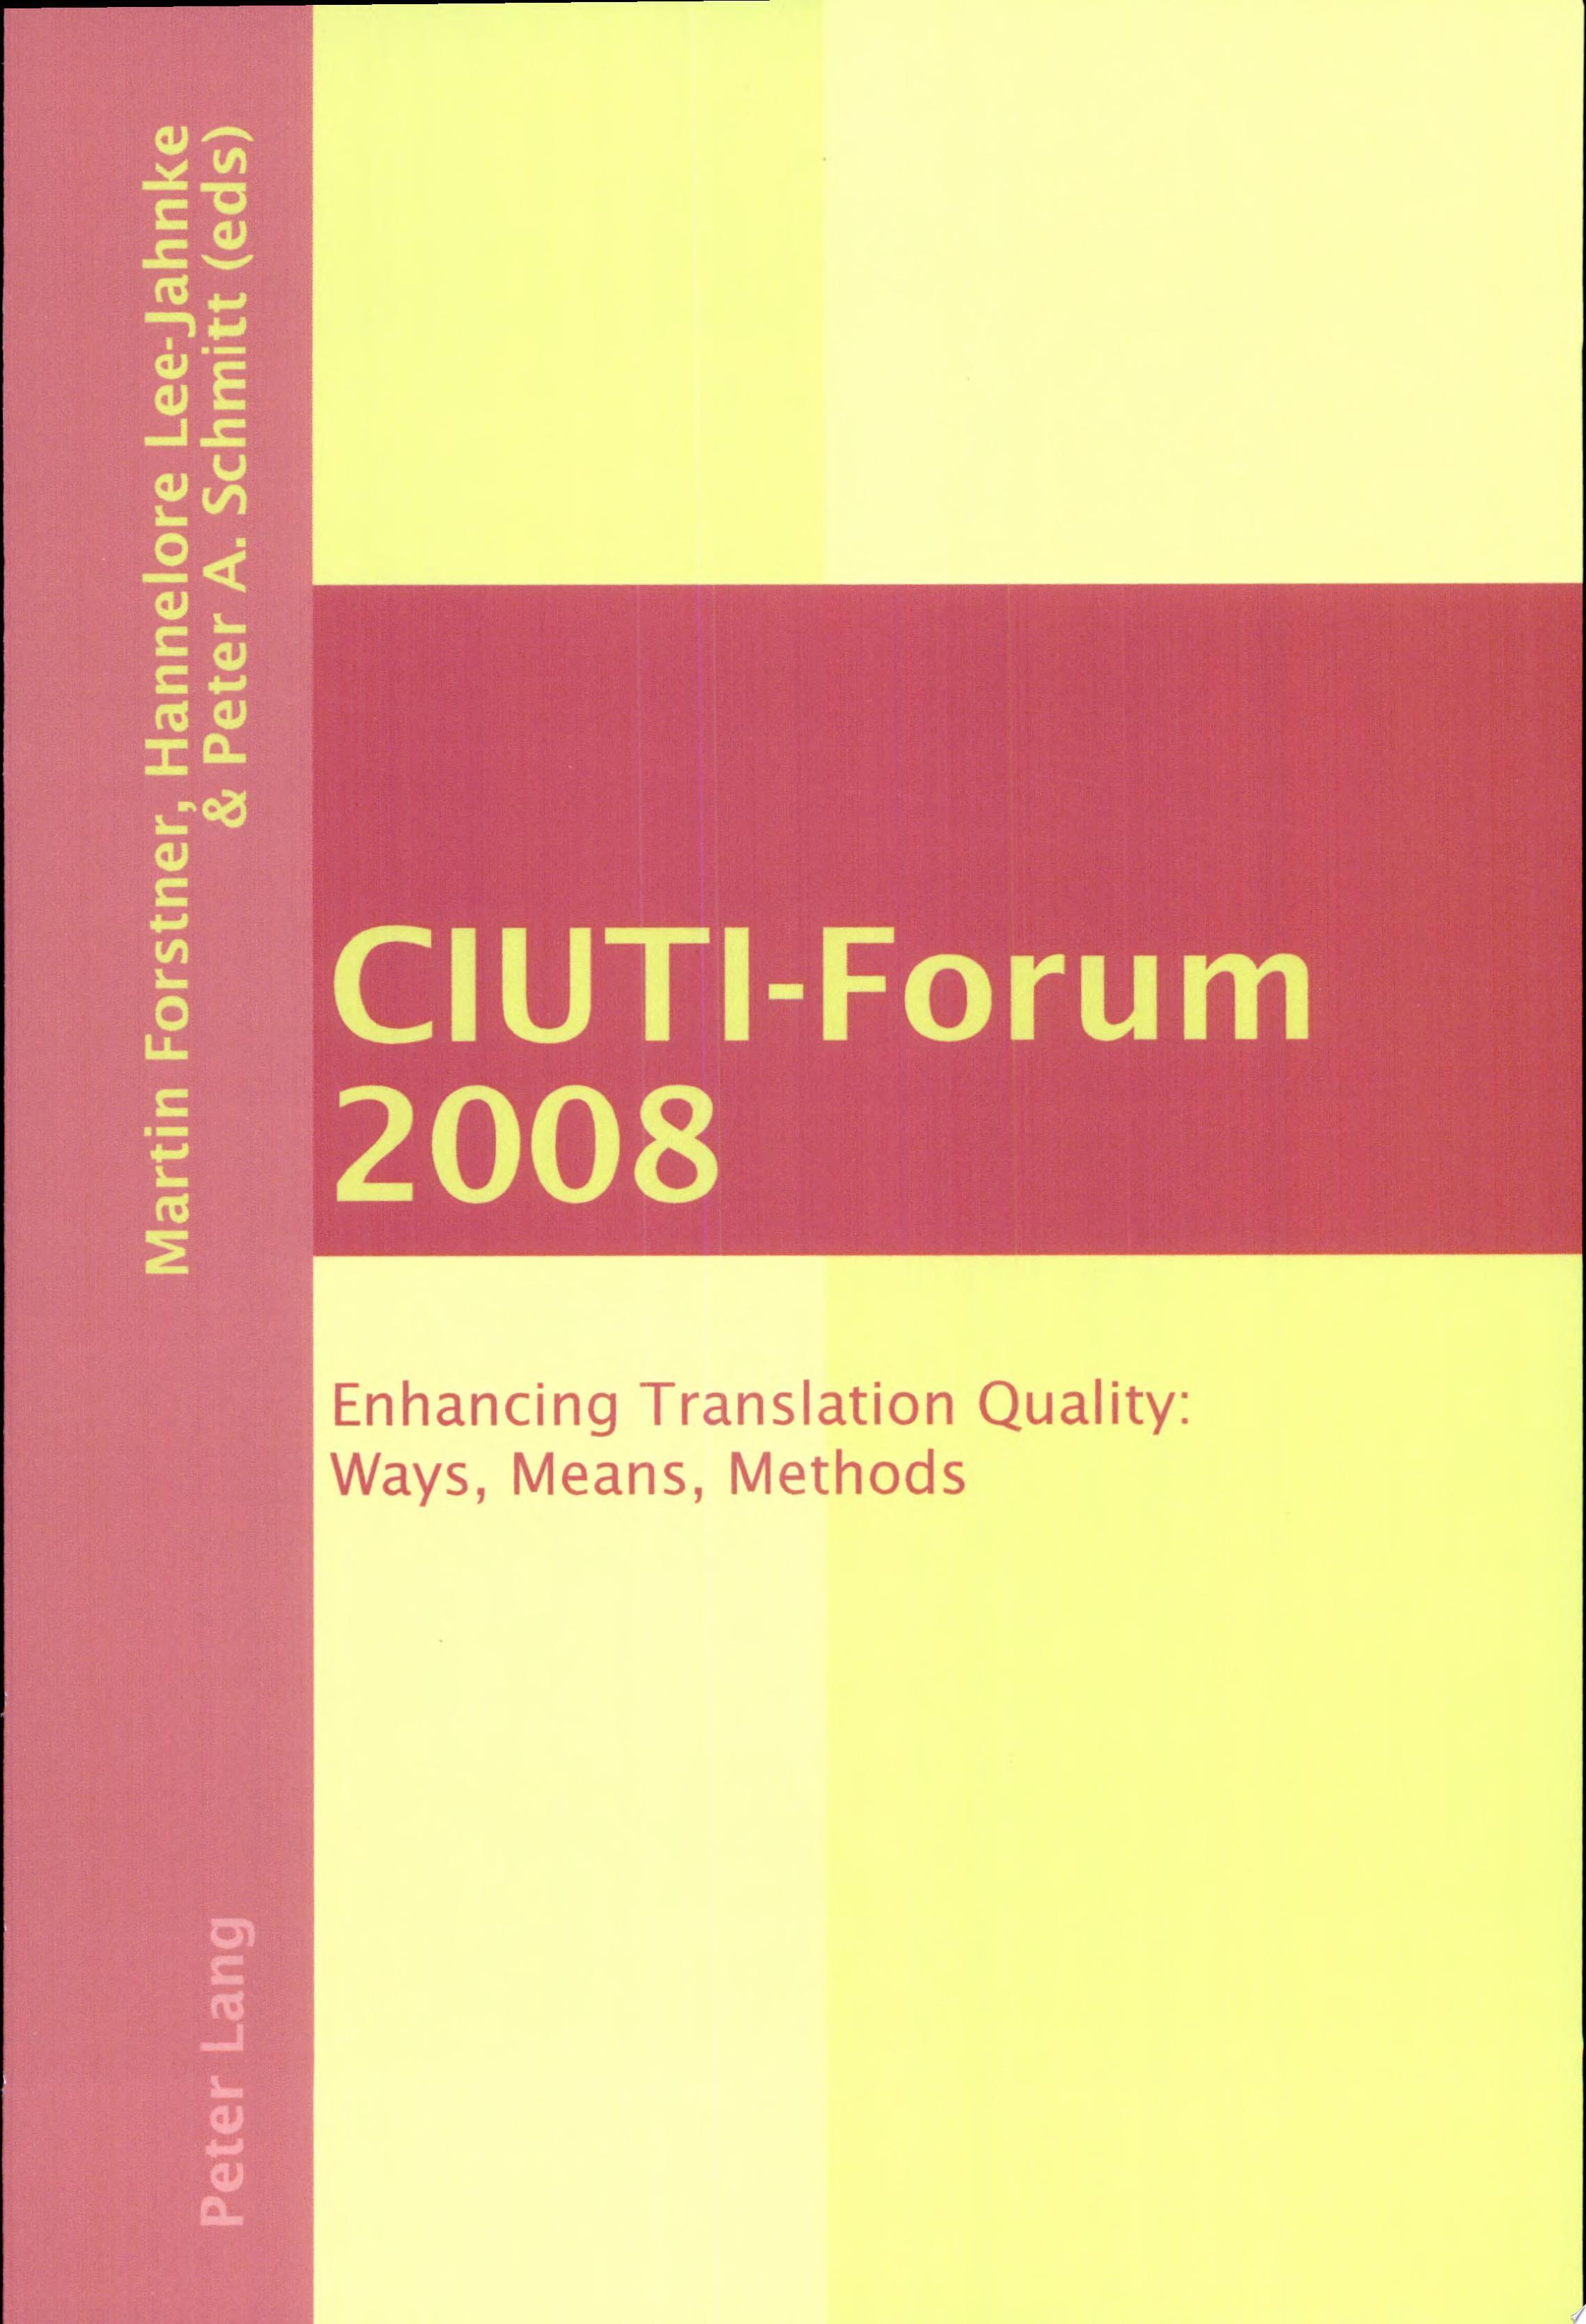 CIUTI Forum 2008